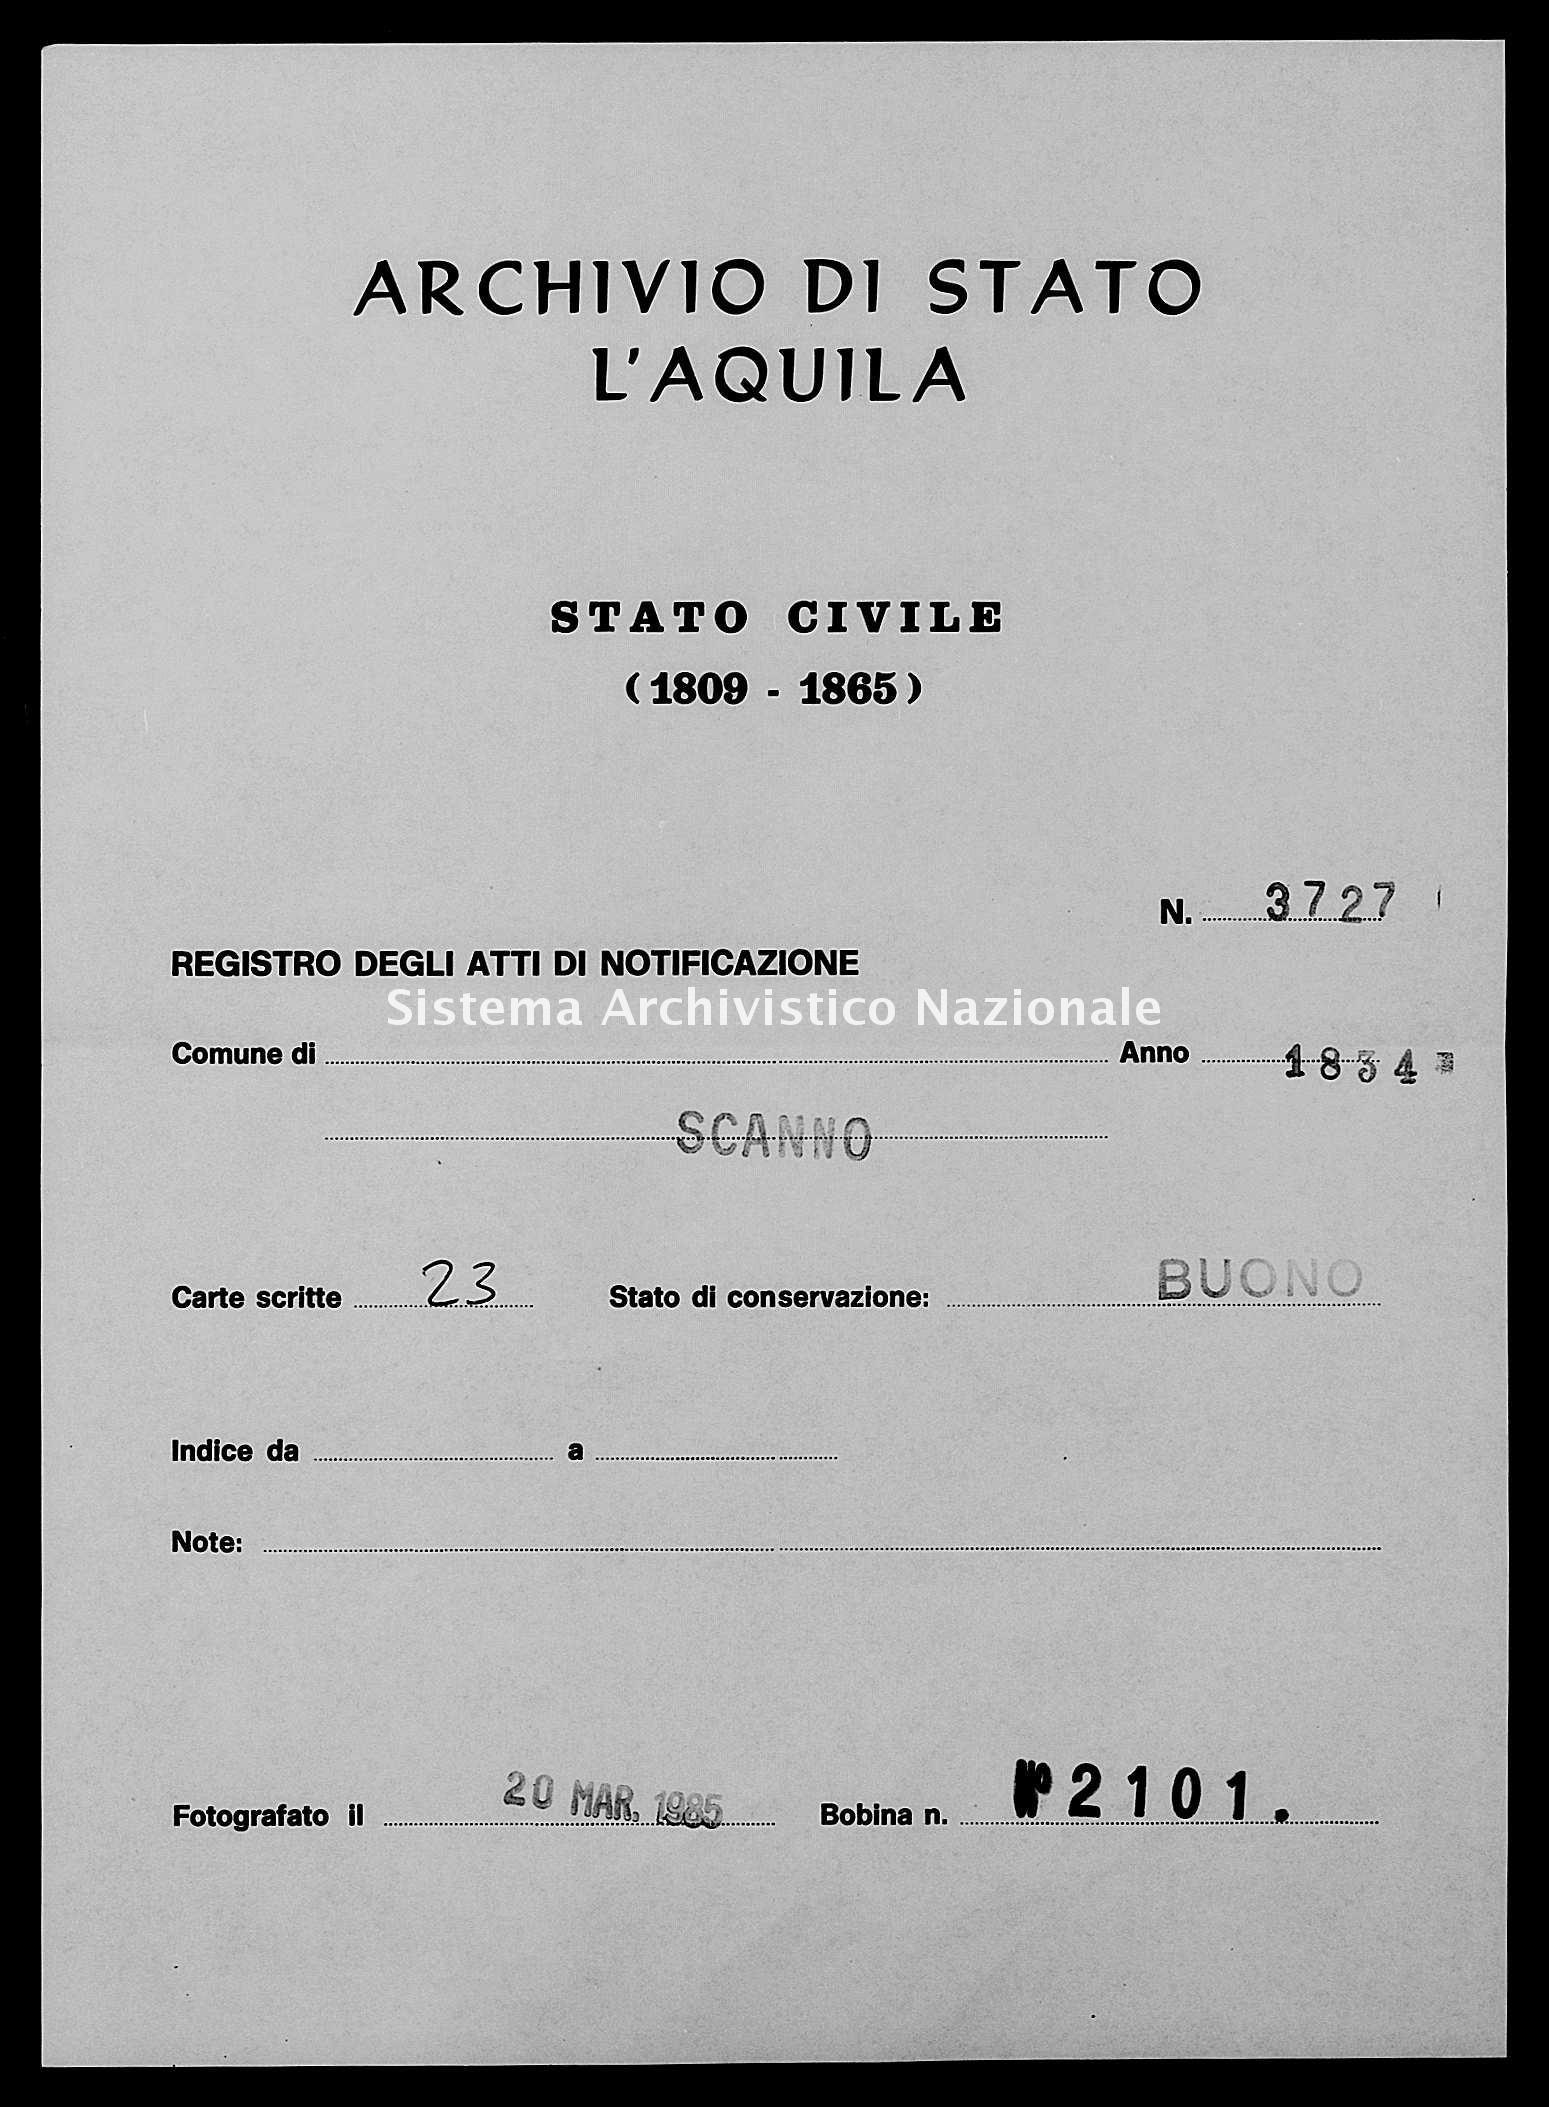 Archivio di stato di L'aquila - Stato civile della restaurazione - Scanno - Matrimoni, memorandum notificazioni ed opposizioni - 1834 - 3727 -